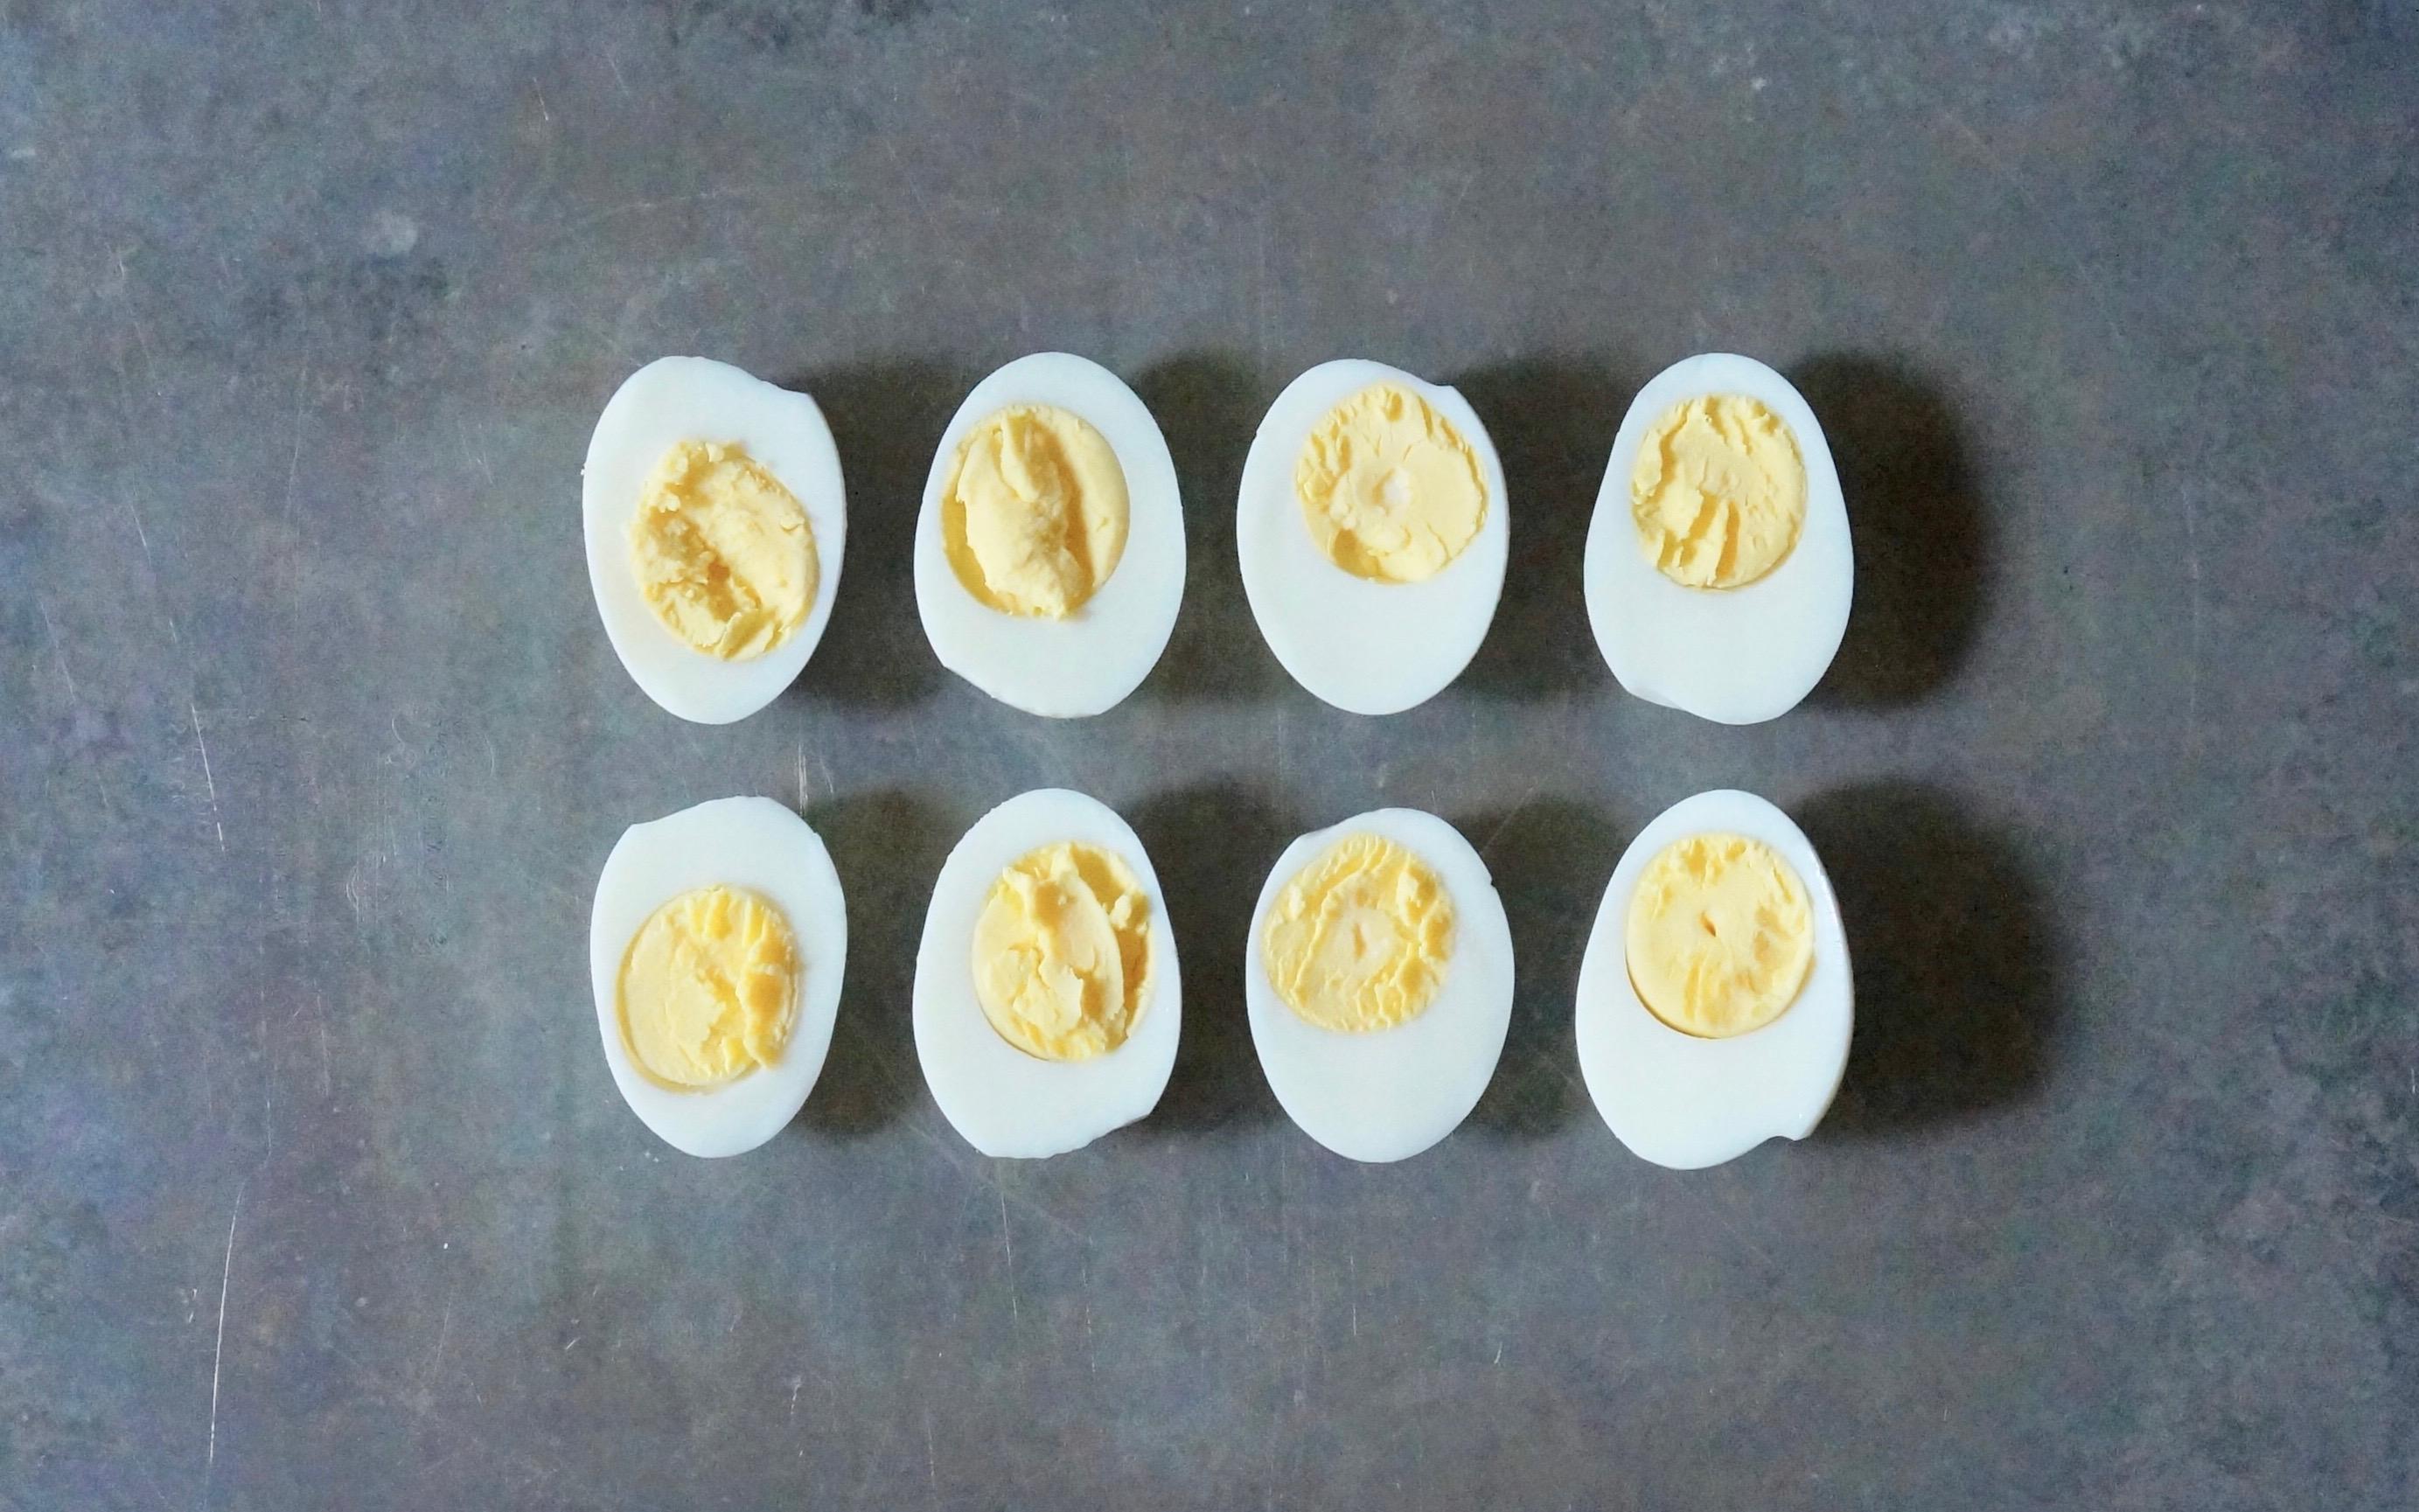 Creole-Deviled-Eggs-Rebecca-Gordon-Publisher-Buttermilk-Lipstick-Culinary-Entertaining-Techniques-RebeccaGordon-Pastry-Chef-Birmingham-Alabama